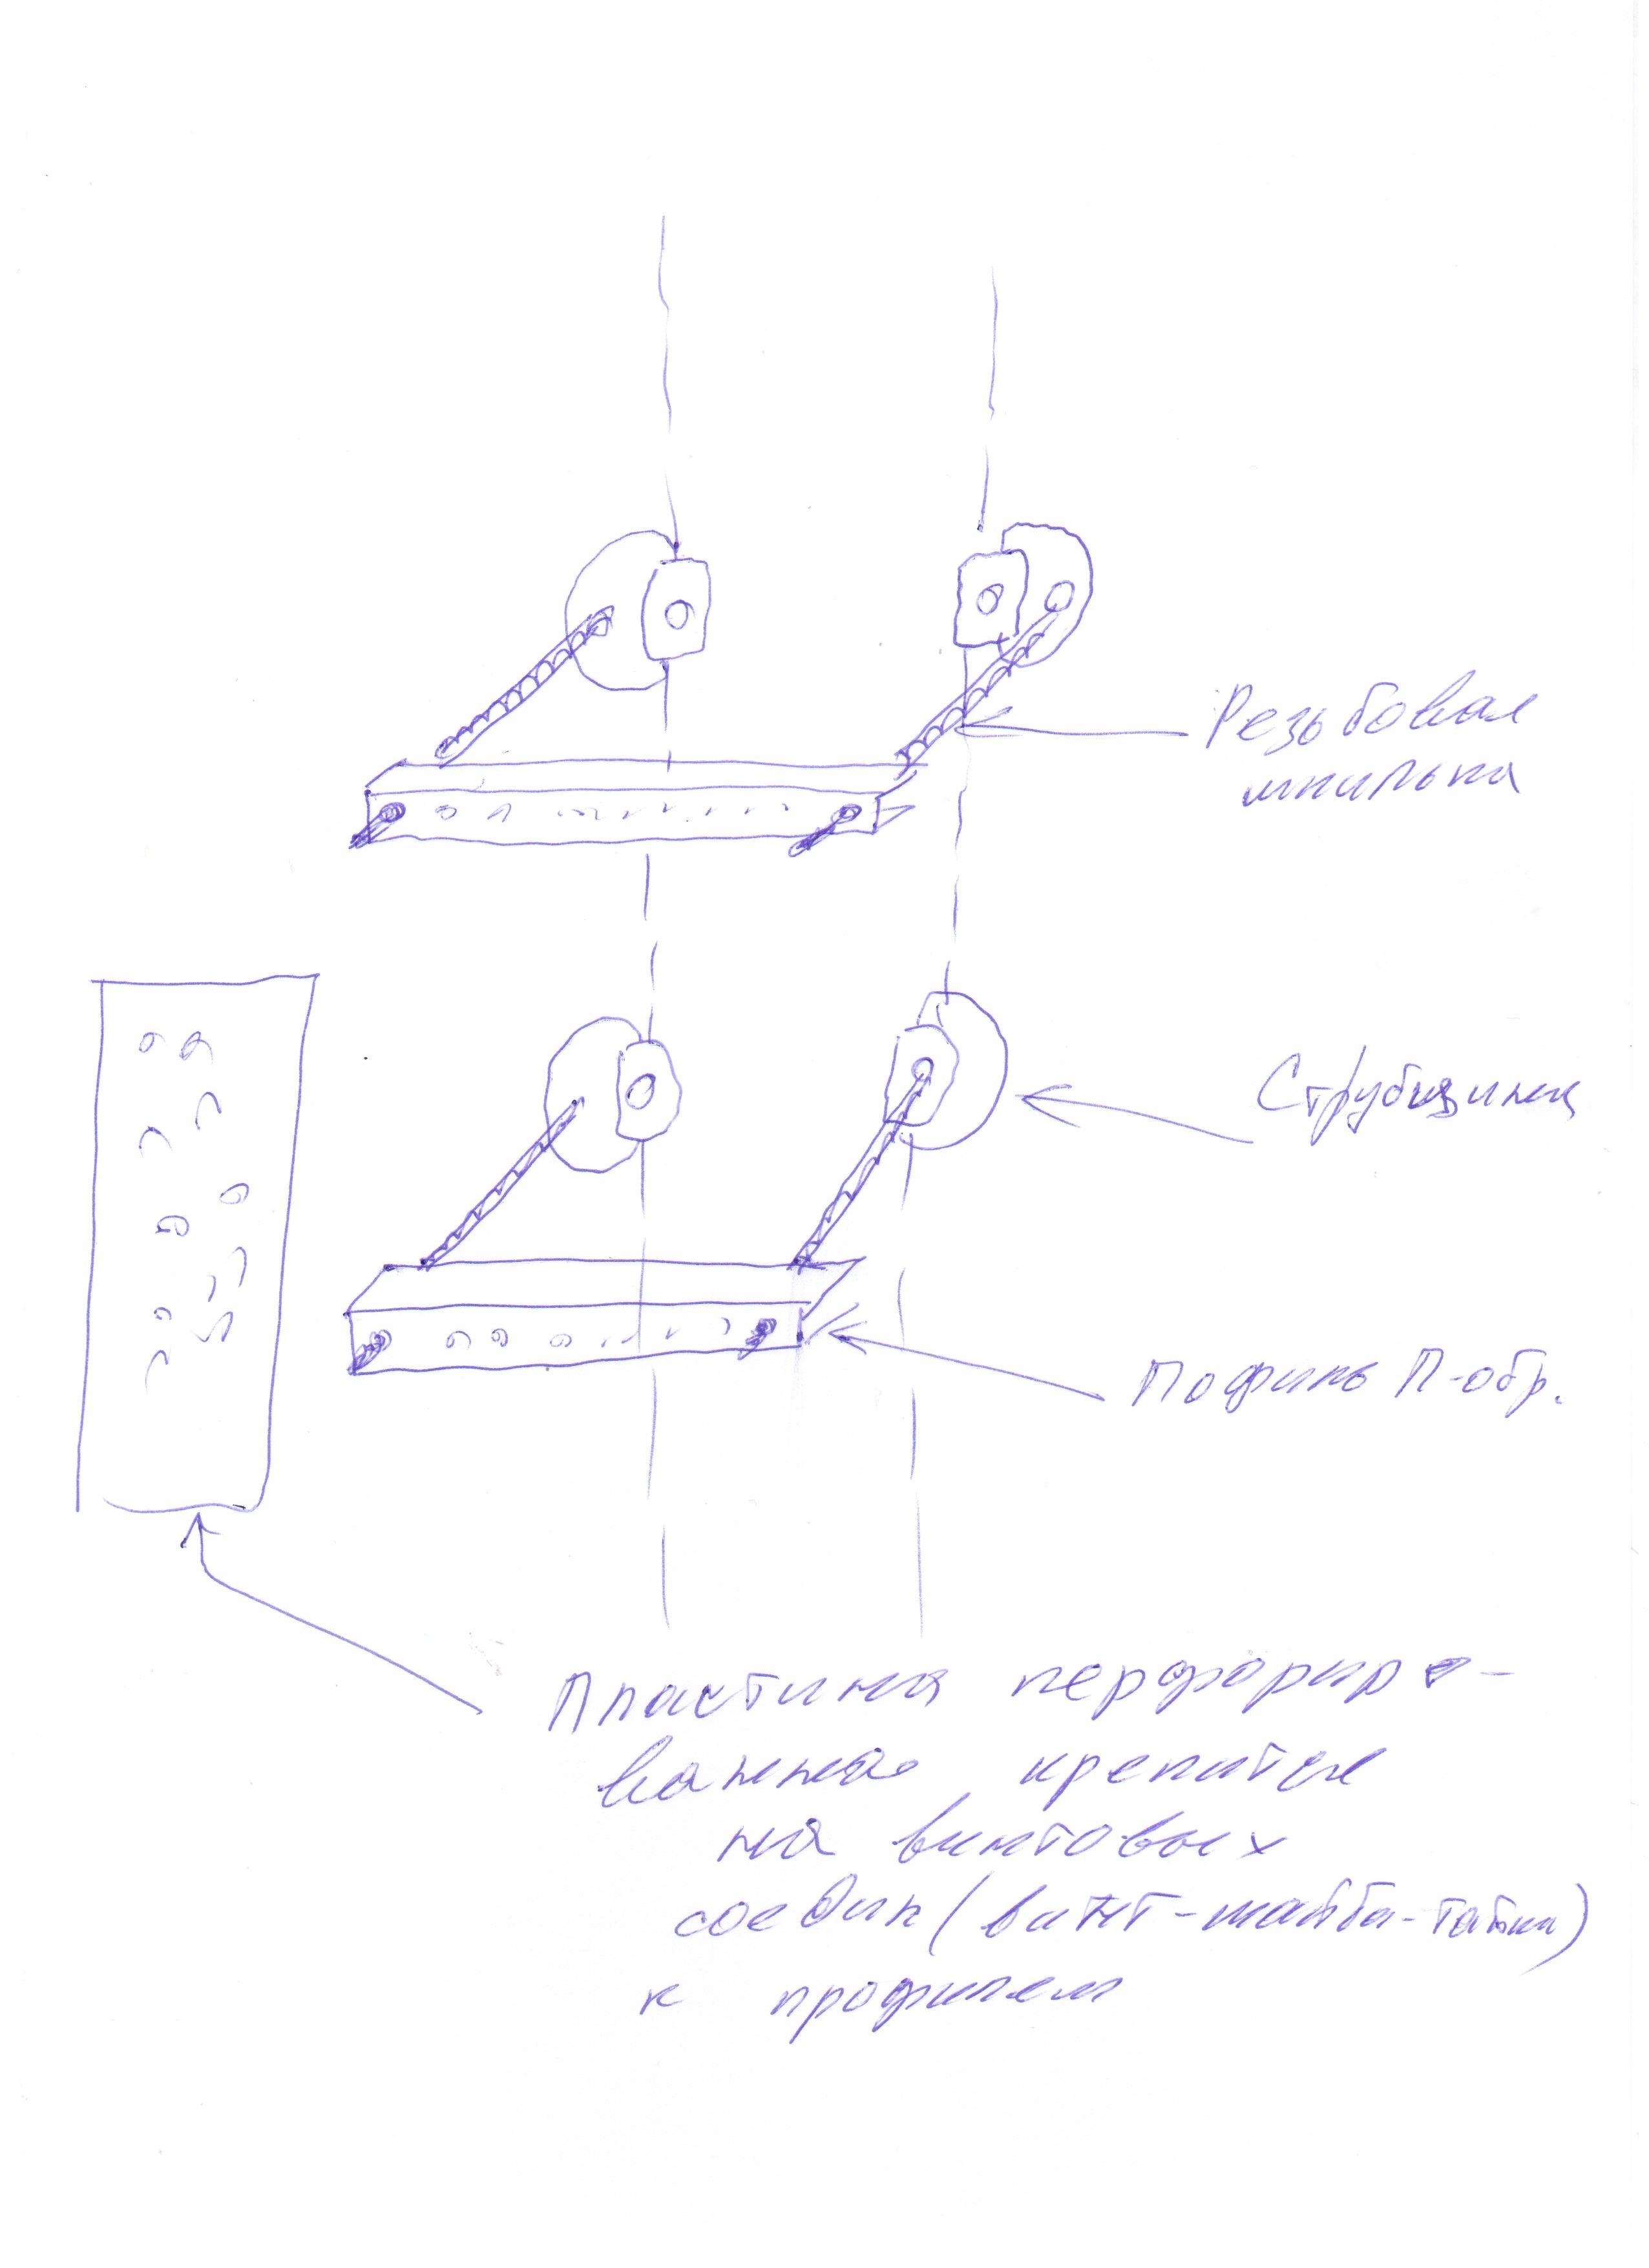 проектировщик обязан шевелить мозгами 2